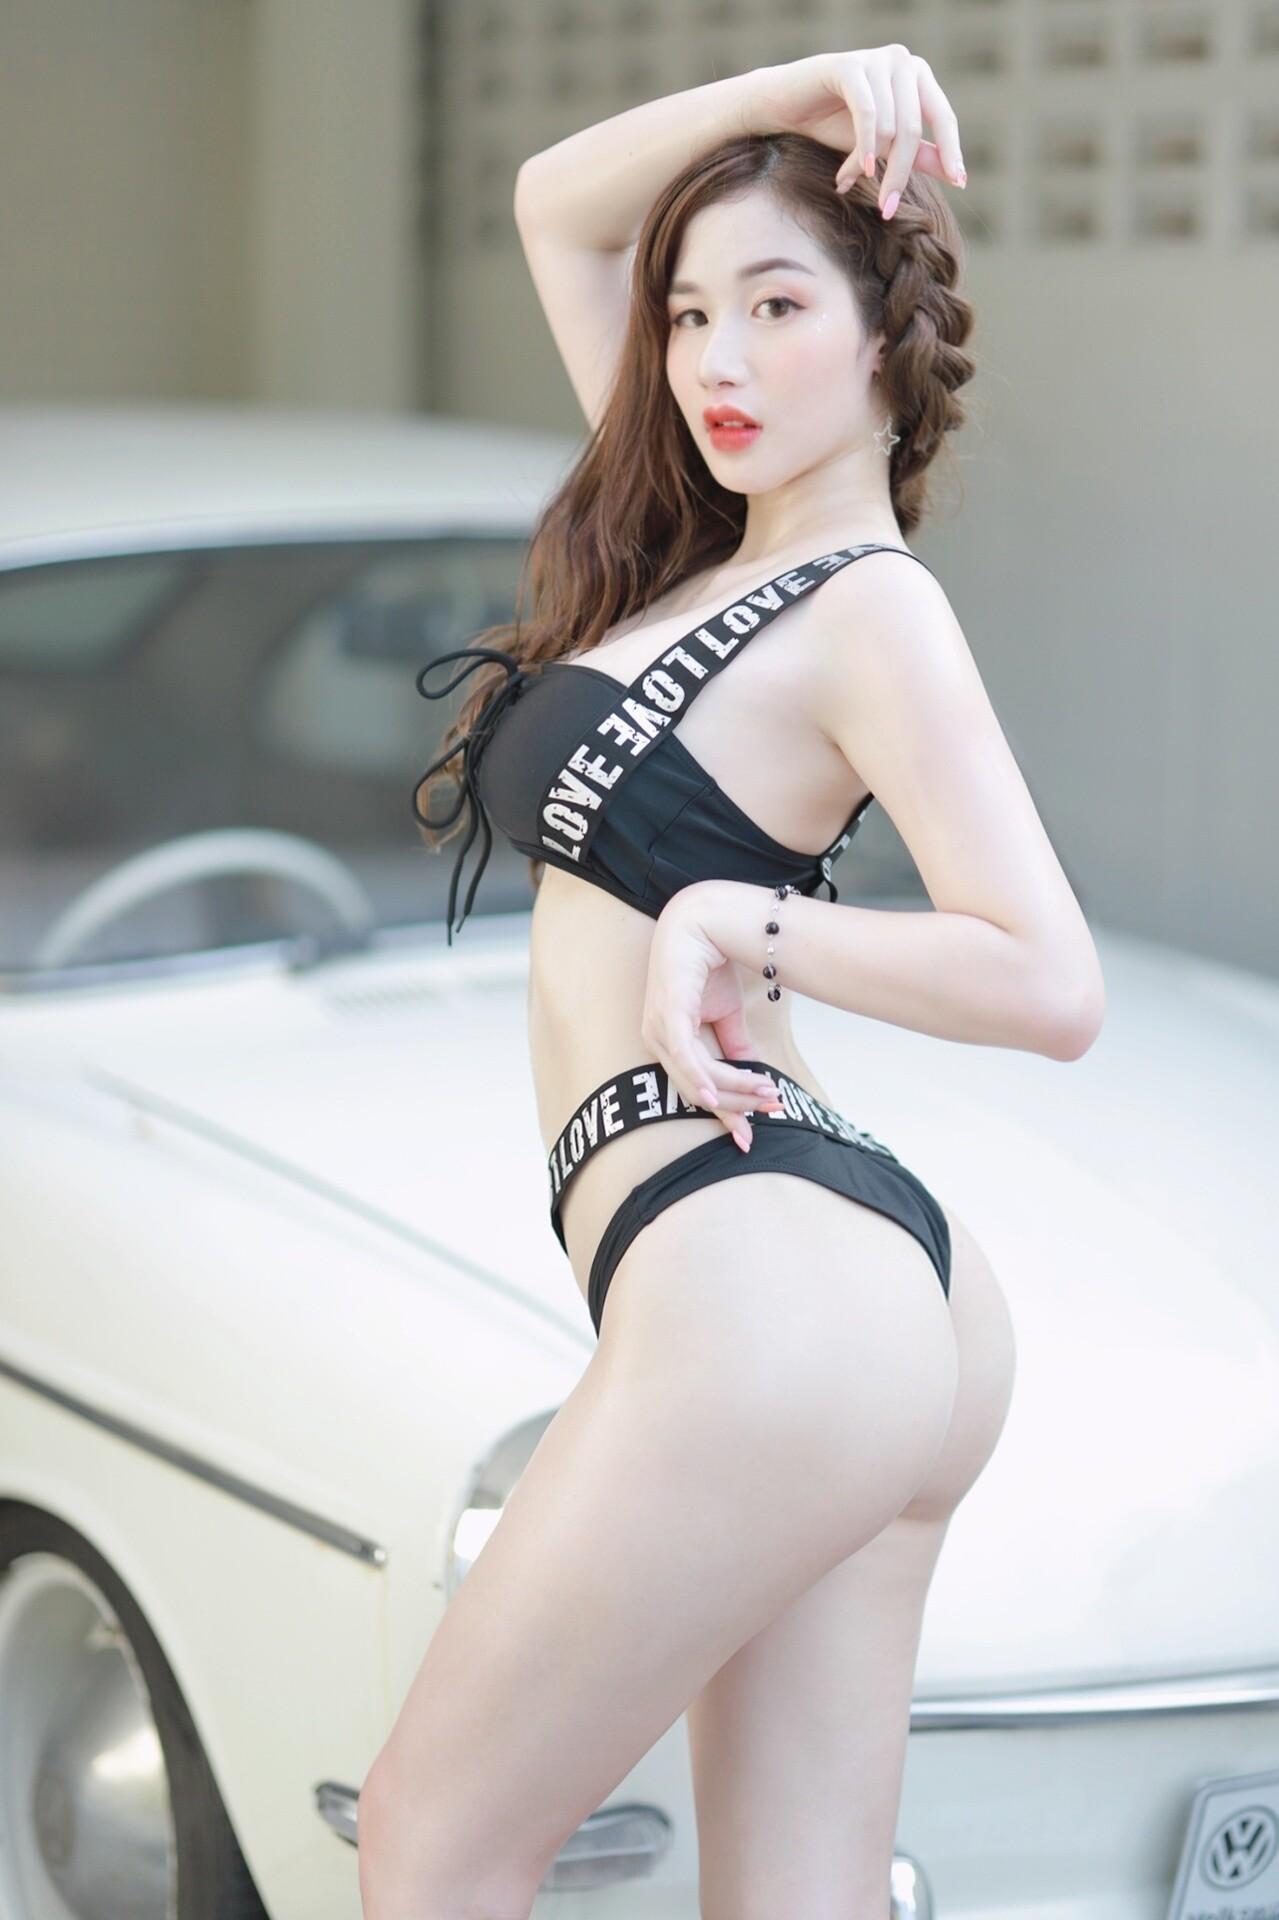 Akair Manita là người mẫu xe hàng đầu xứ sở chùa vàng